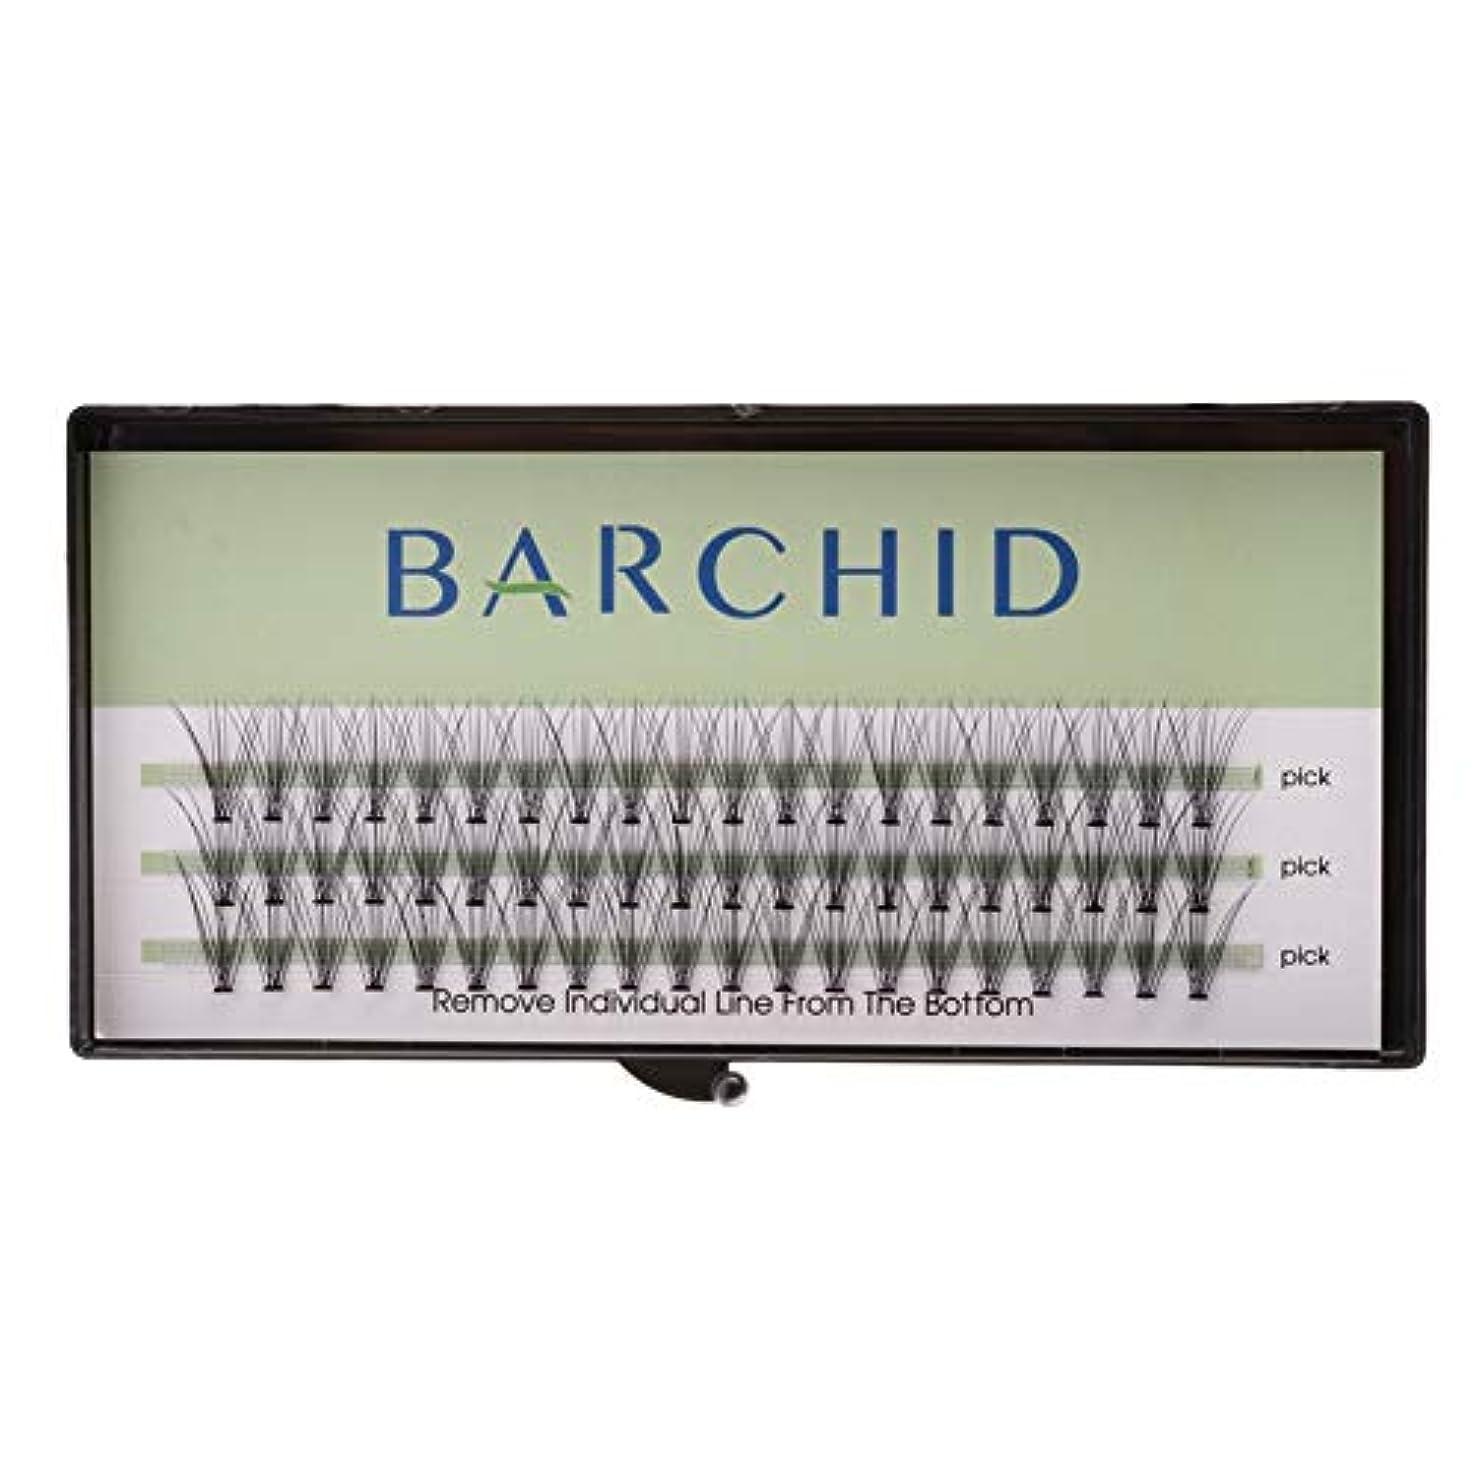 容器裁定中国BARCHID つけまつげ ナチュラルつけまつげ高品質 まつげエクステ フレアセルフ用 超極細素材 太さ0.07mm 12mm Cカール マツエク10本束セルフマツエク キット